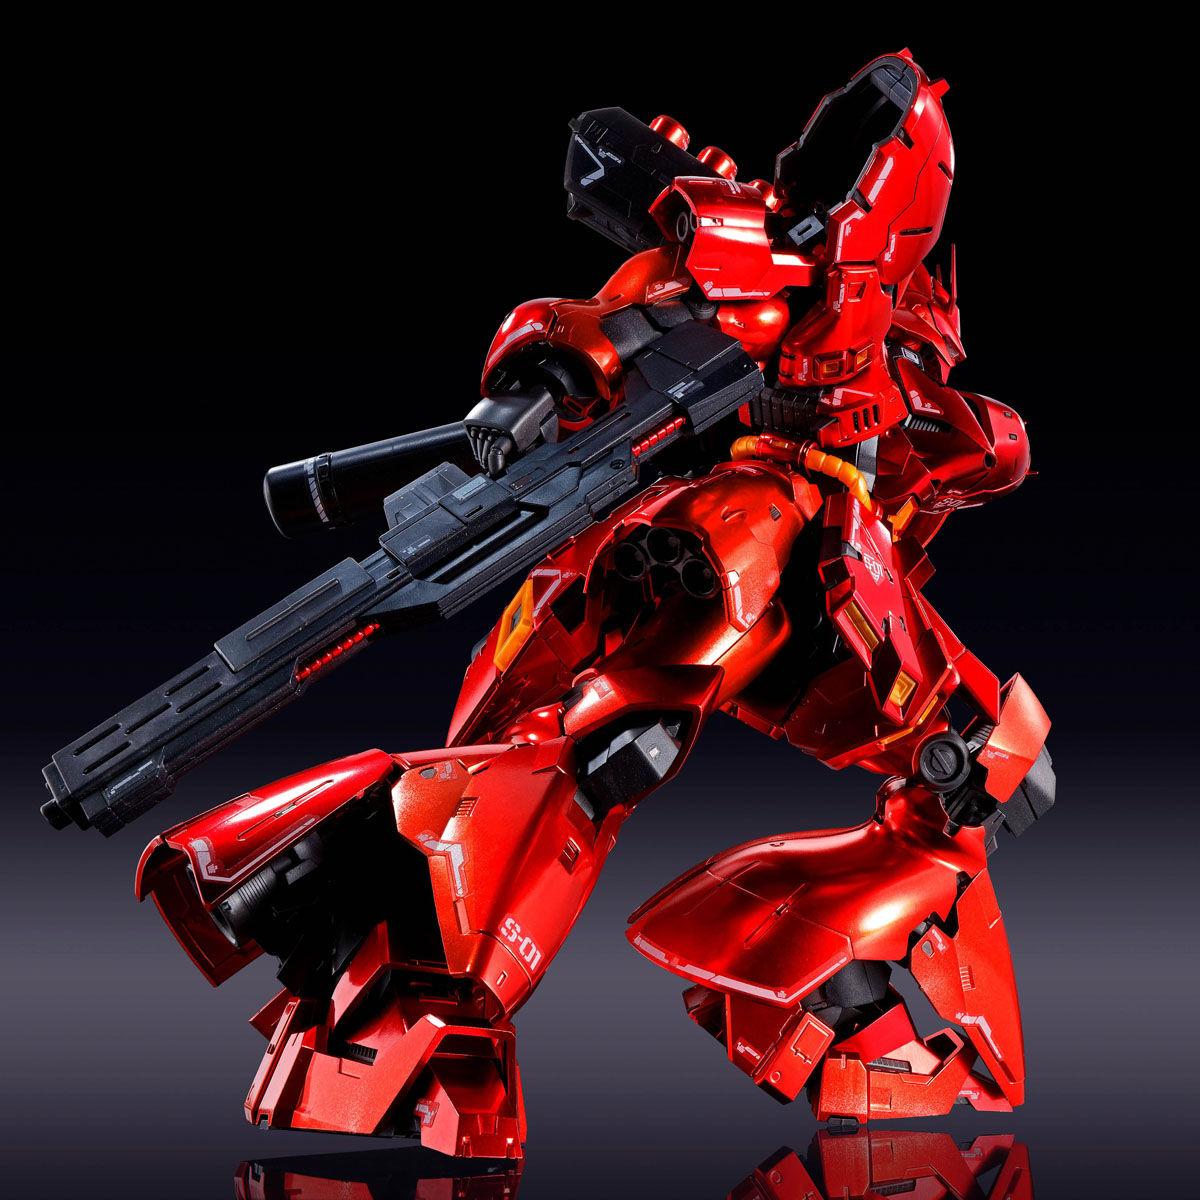 【限定販売】【再販】RG 1/144『サザビー[スペシャルコーティング]』逆襲のシャア プラモデル-008